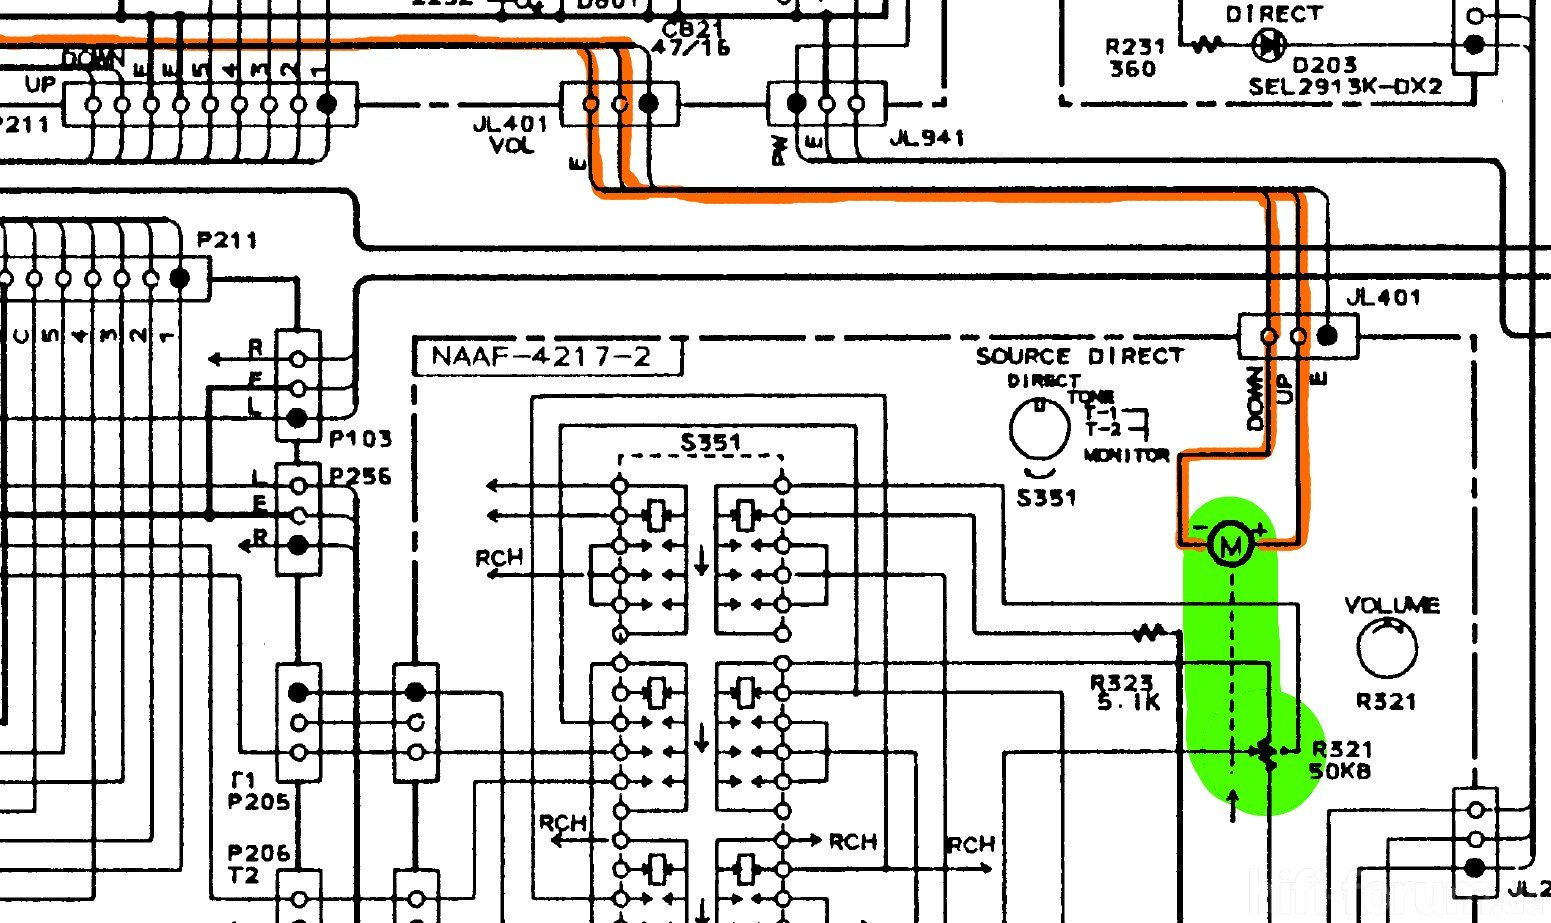 Ungewöhnlich Jl Amp Schaltplan Fotos - Elektrische Schaltplan-Ideen ...